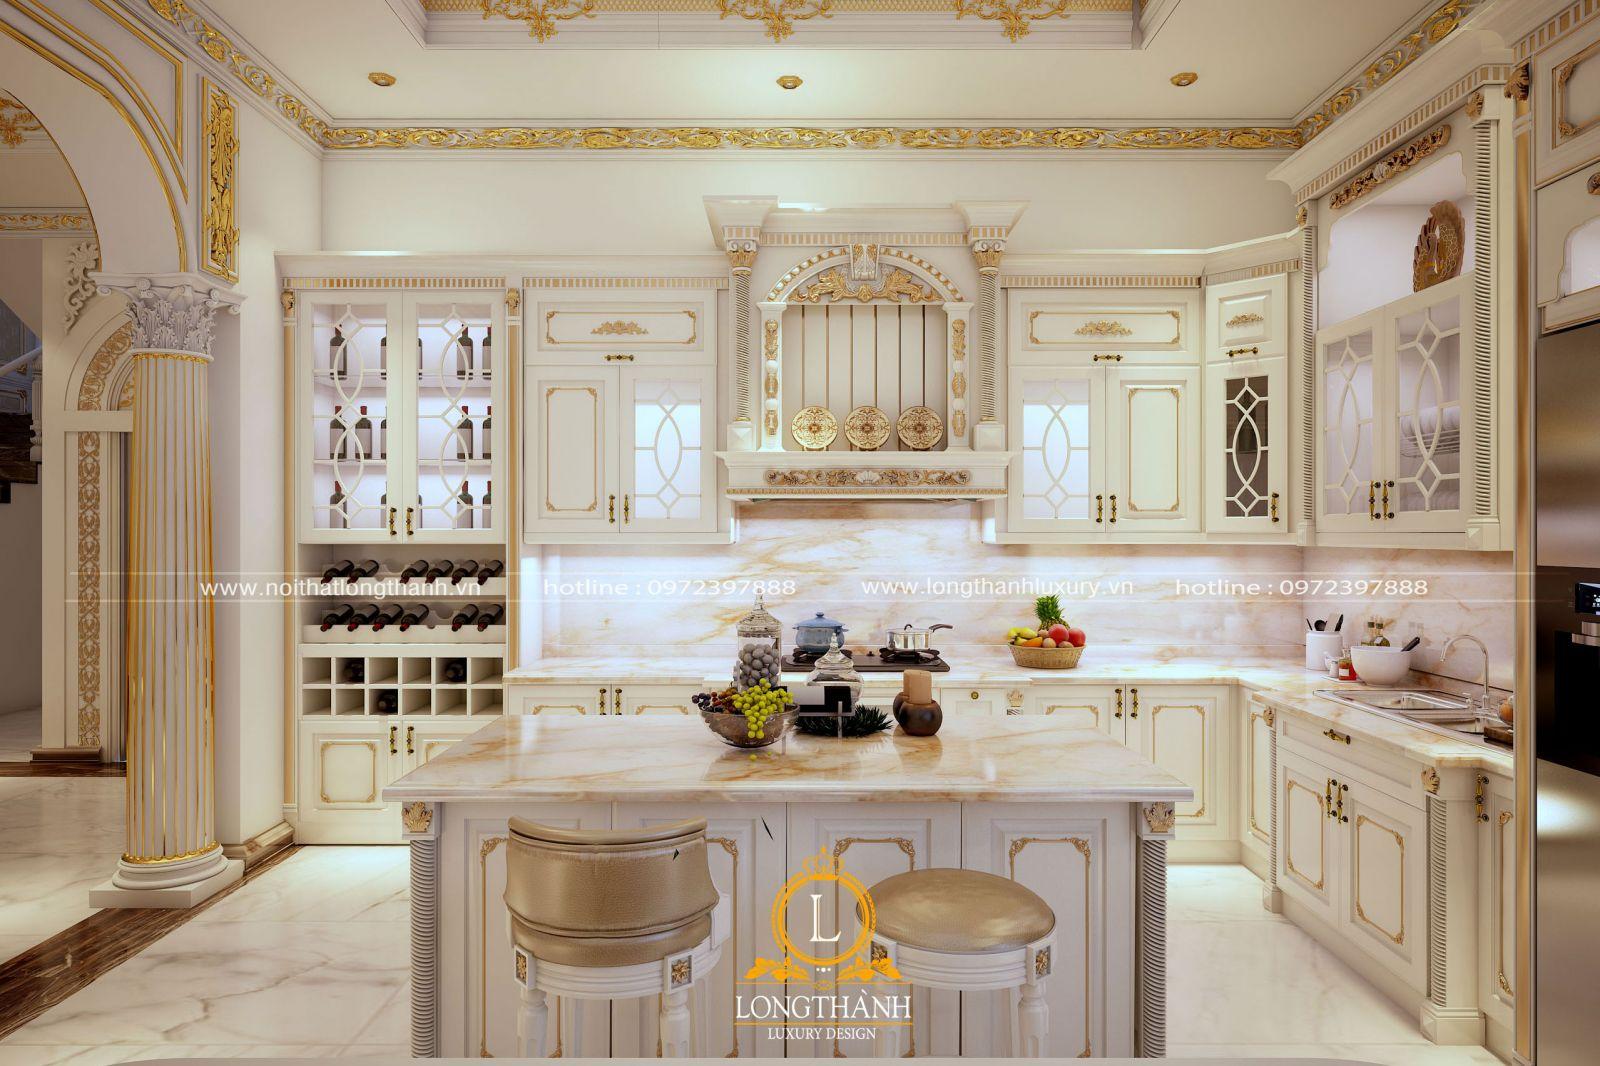 Bộ tủ bếp tân cổ điển sơn trắng được chạm khắc hoa văn tỉ mỉ và dát mạ vàng tinh tế